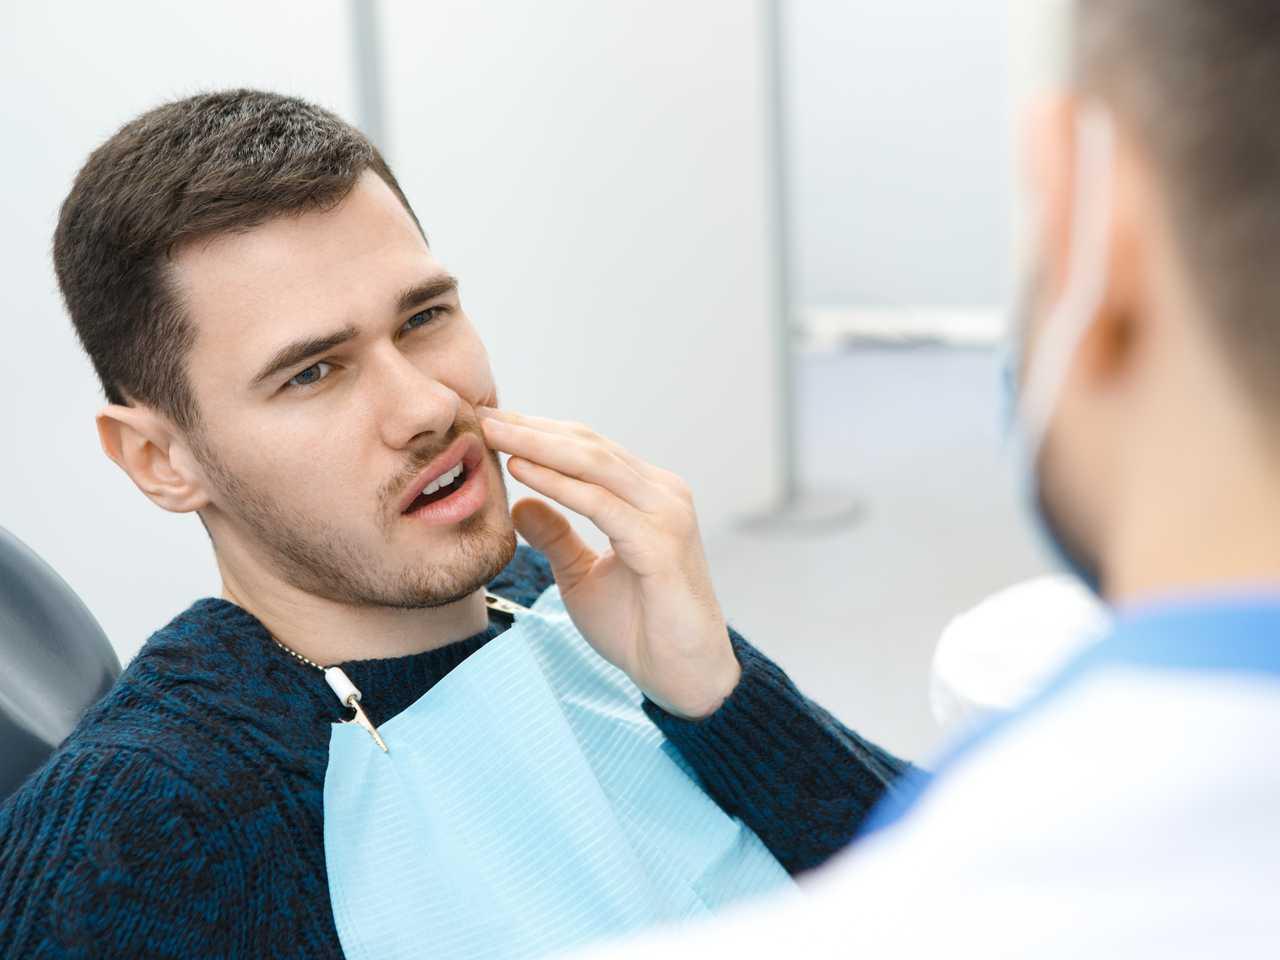 Evde çeşitli yöntemlerle diş ağrısına müdahale doğru mu?